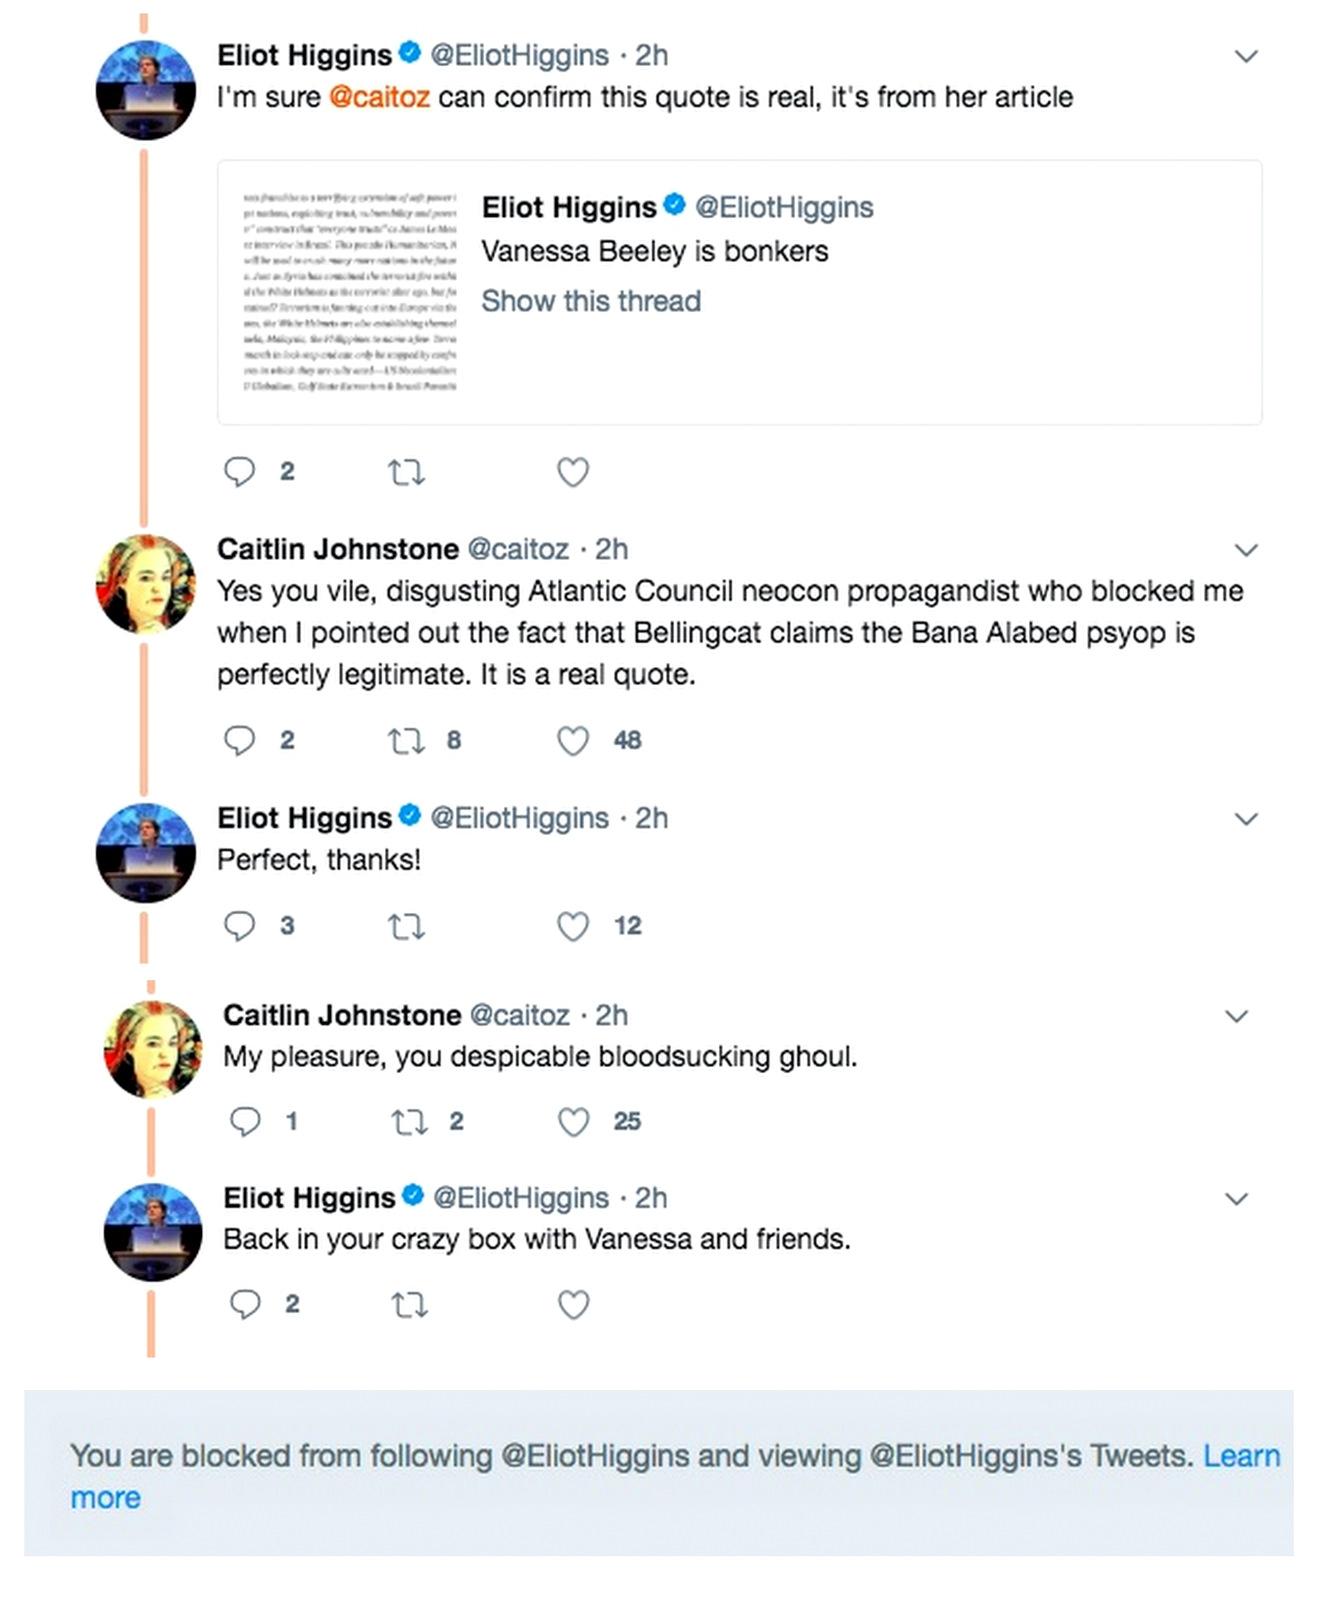 Elliot Higgins Twitter